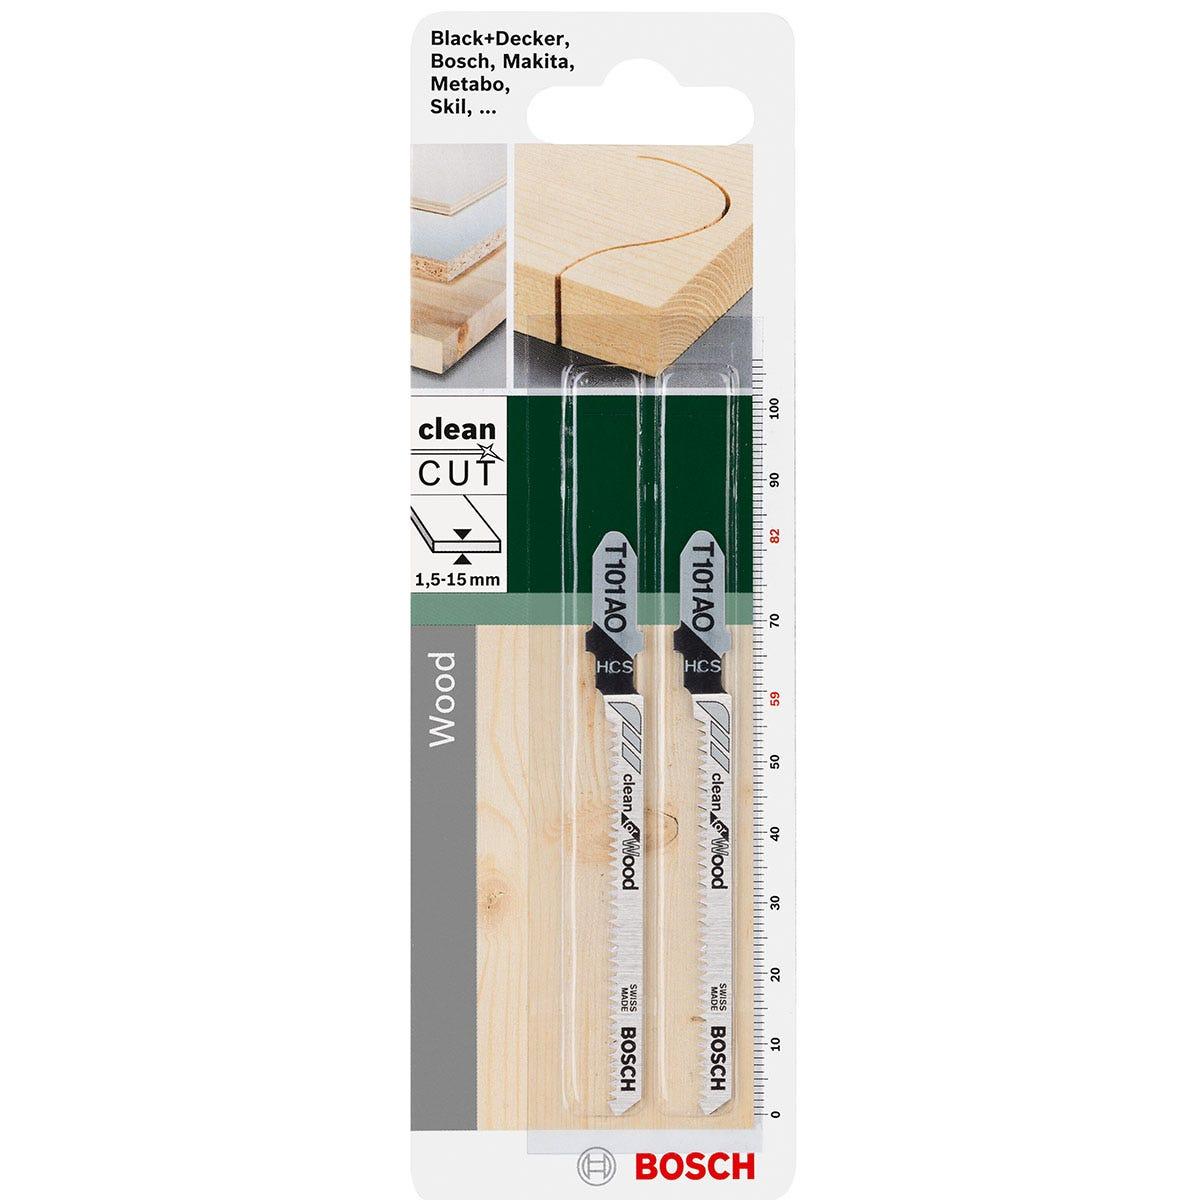 Bosch Wood Curve Cut Jigsaw Blade Set T101AO